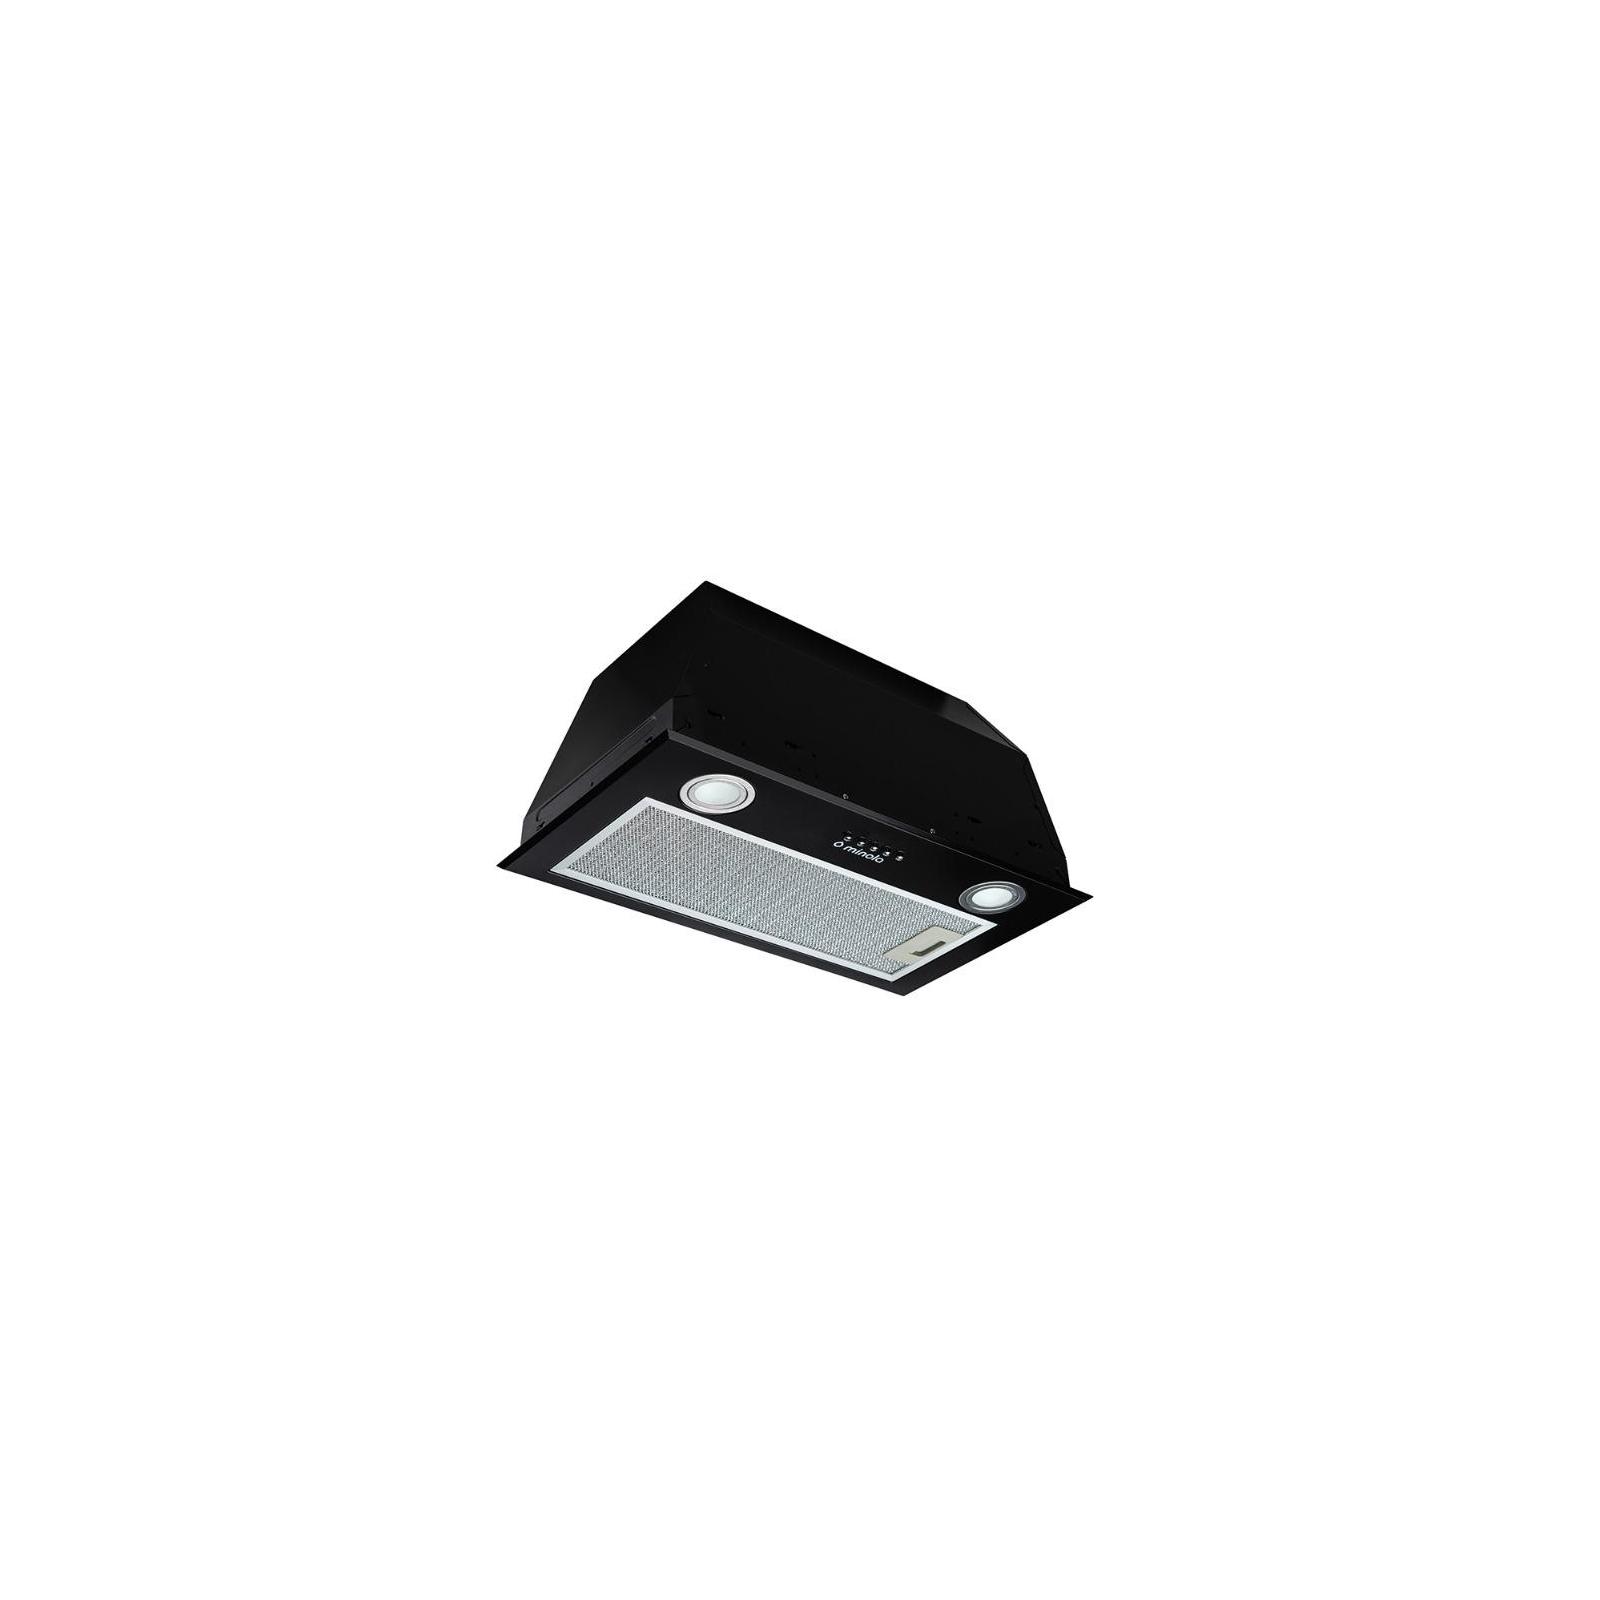 Вытяжка кухонная MINOLA HBI 5822 BL 1200 LED